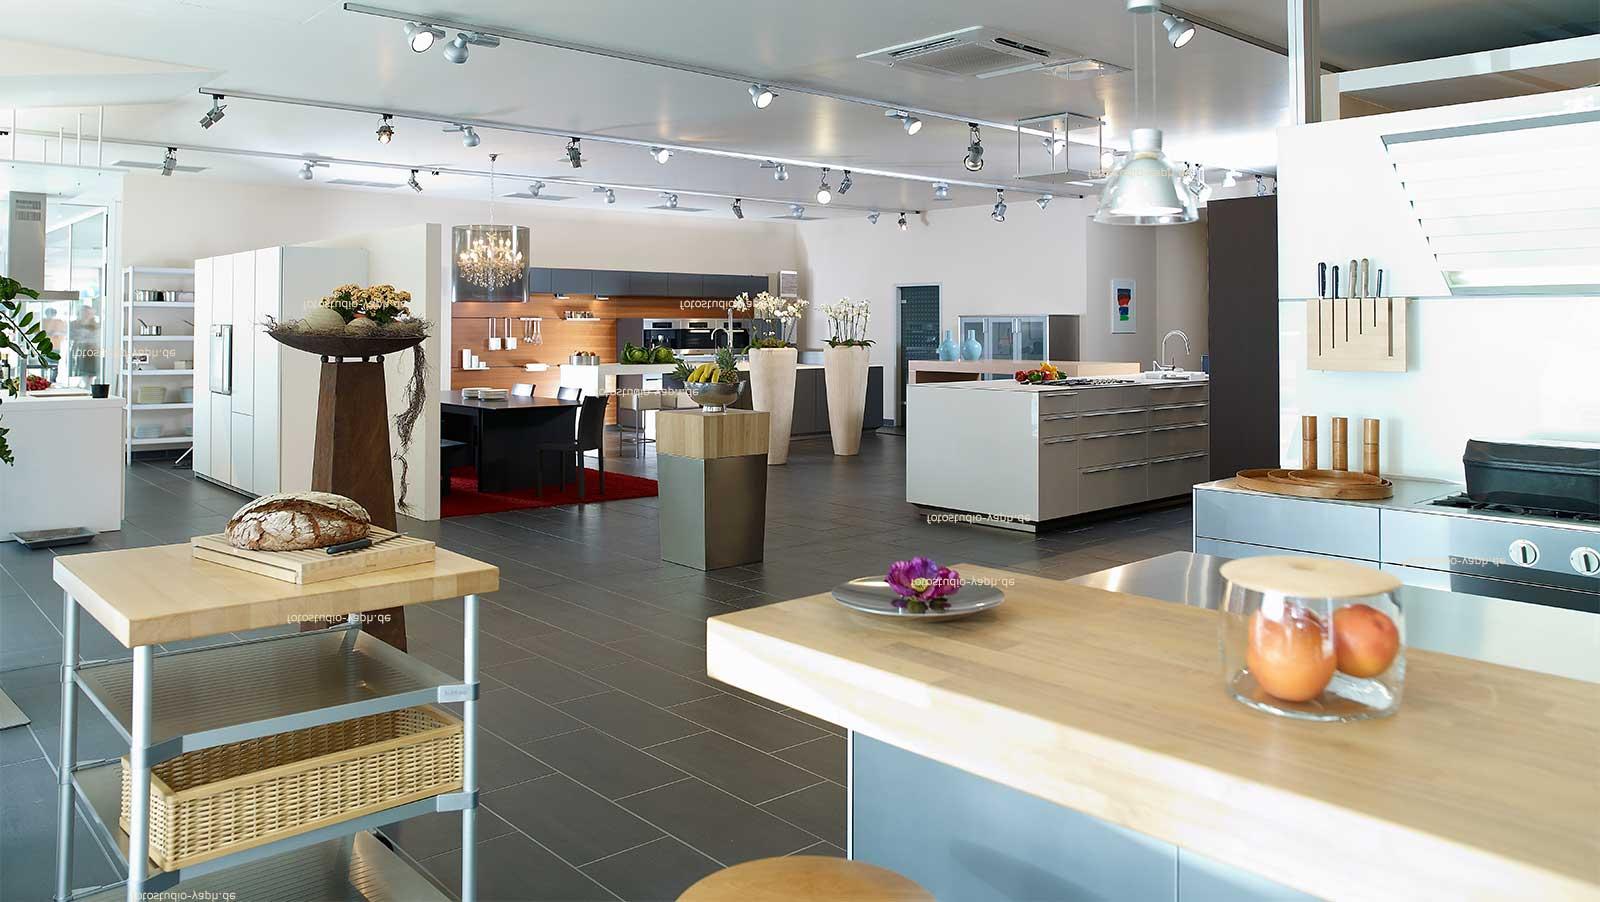 Yaph - Architekturfotograf in Trier ist bereit für Interieurfotografie von Inneneinrichtungen.